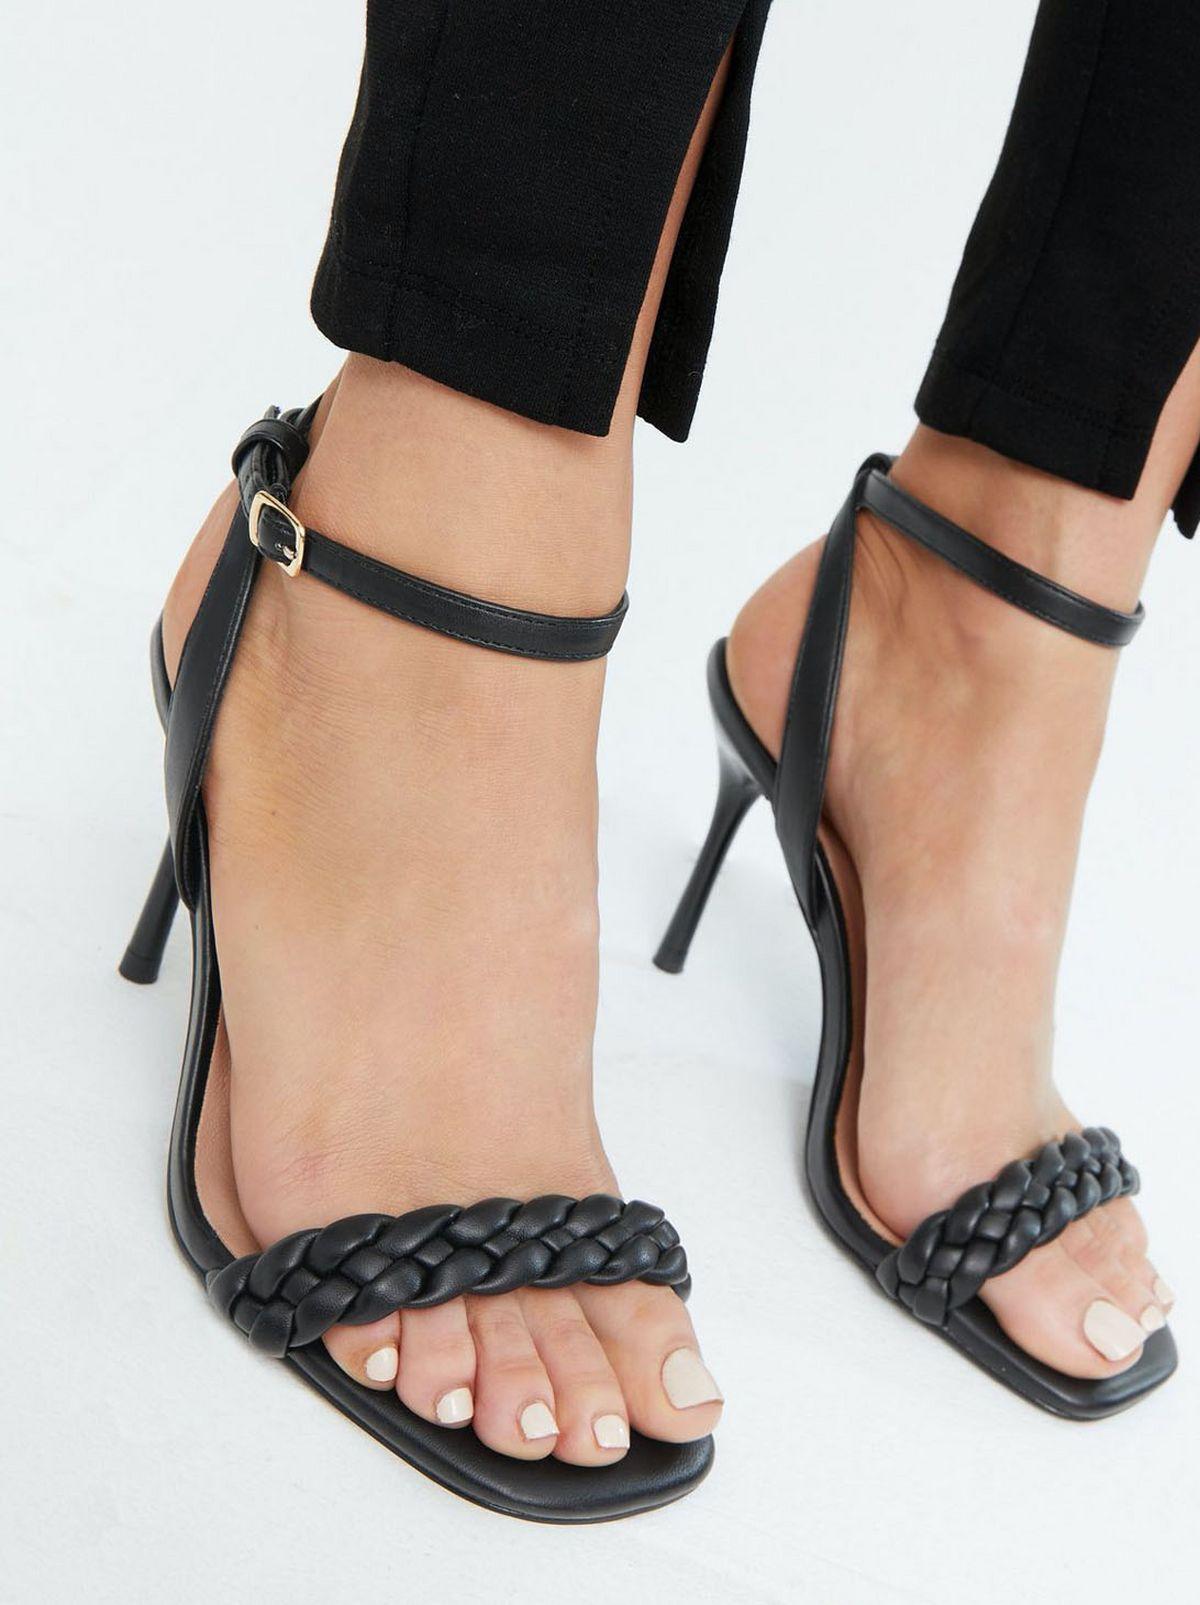 Women's wide fit black strap stiletto heel sandals